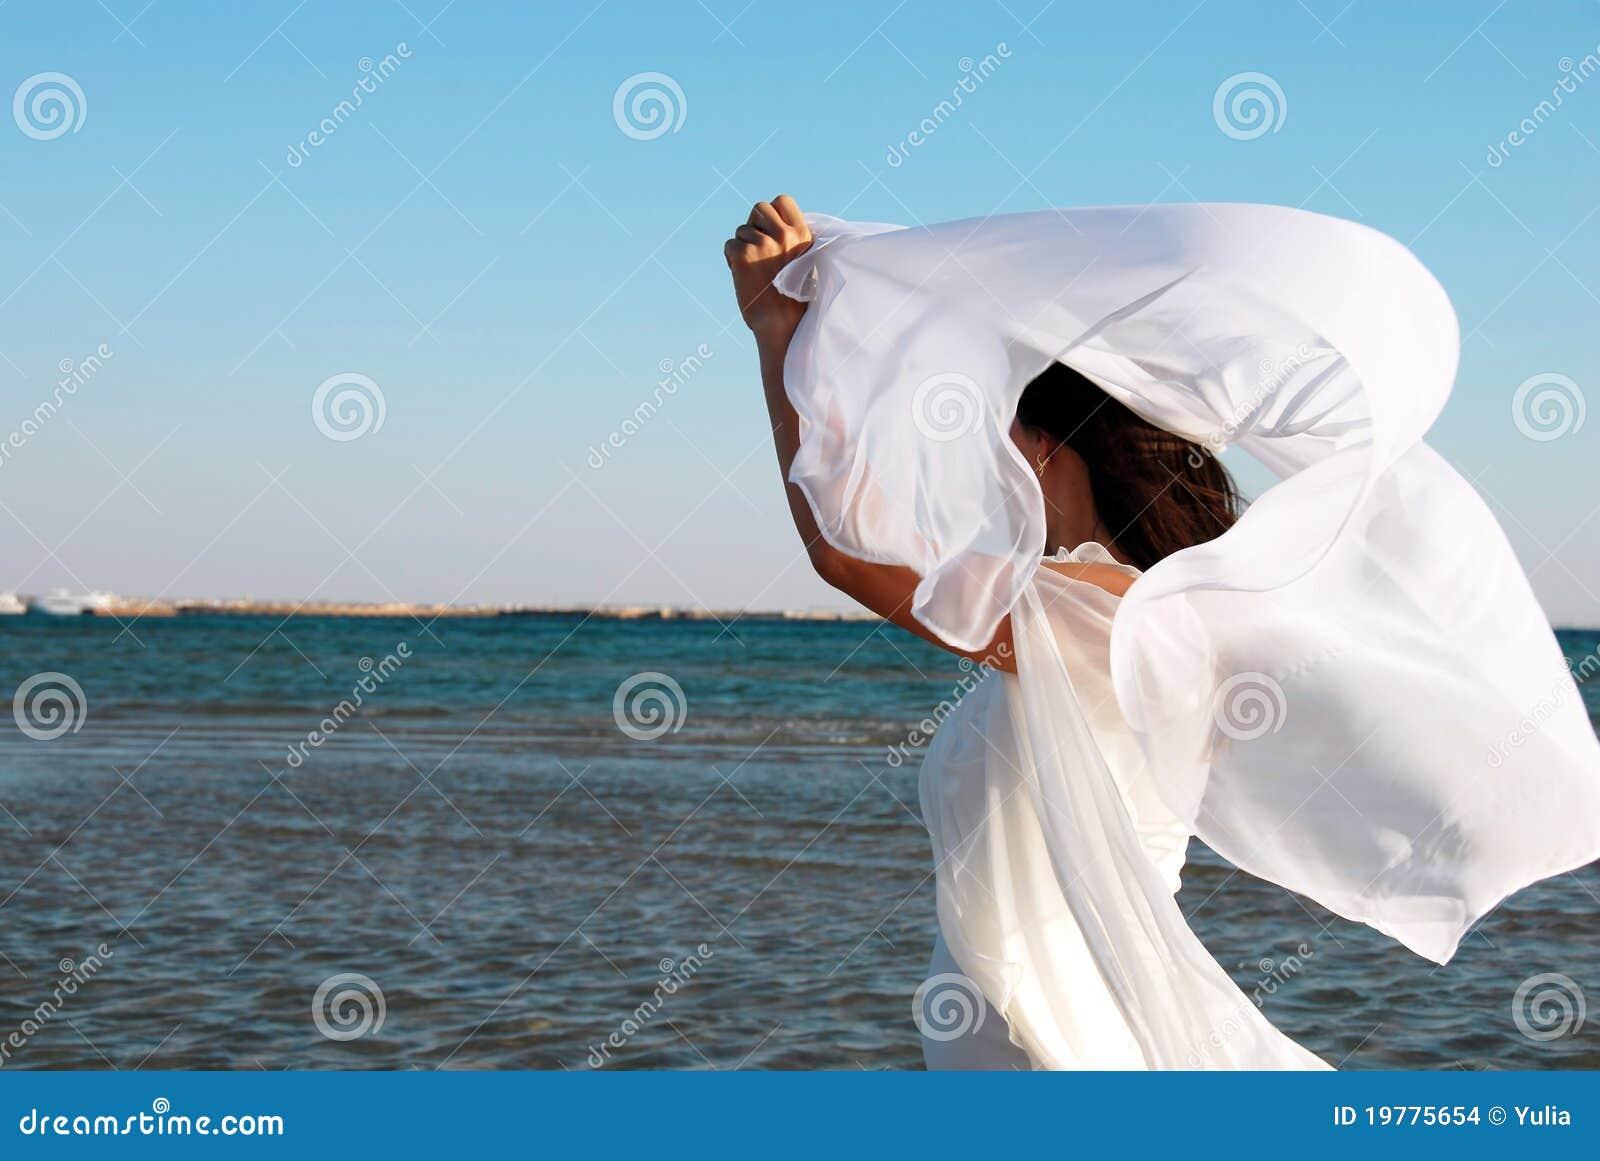 femme dans le blanc au bord de la mer photo stock image 19775654. Black Bedroom Furniture Sets. Home Design Ideas